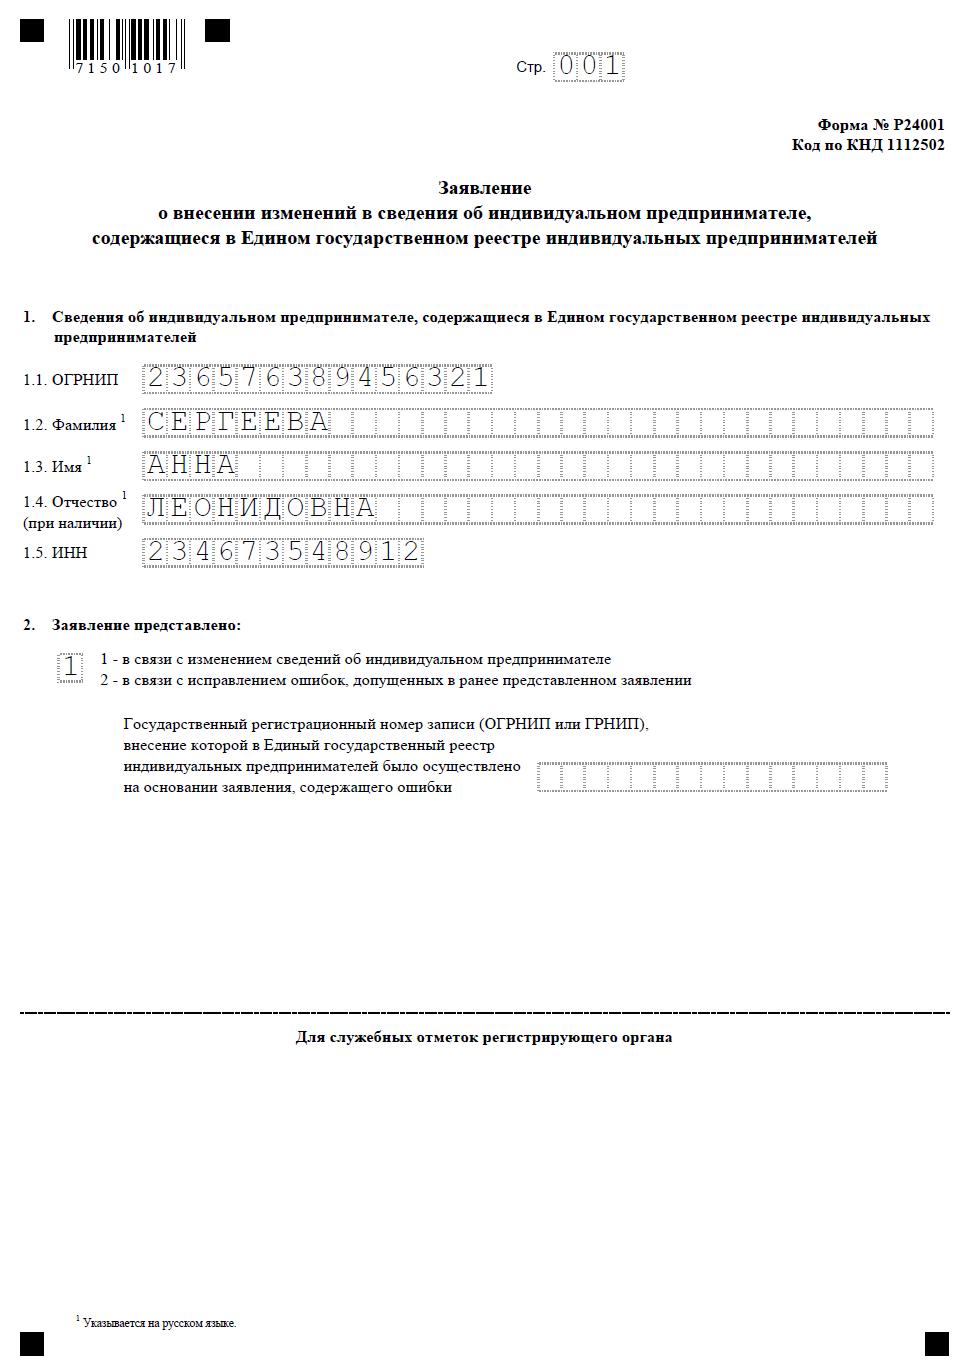 Изображение - Заявление по форме р24001 (внесение изменений ип) obrazec-zapolneniya-r24001-pri-izmenenii-okvehd-stranica-1